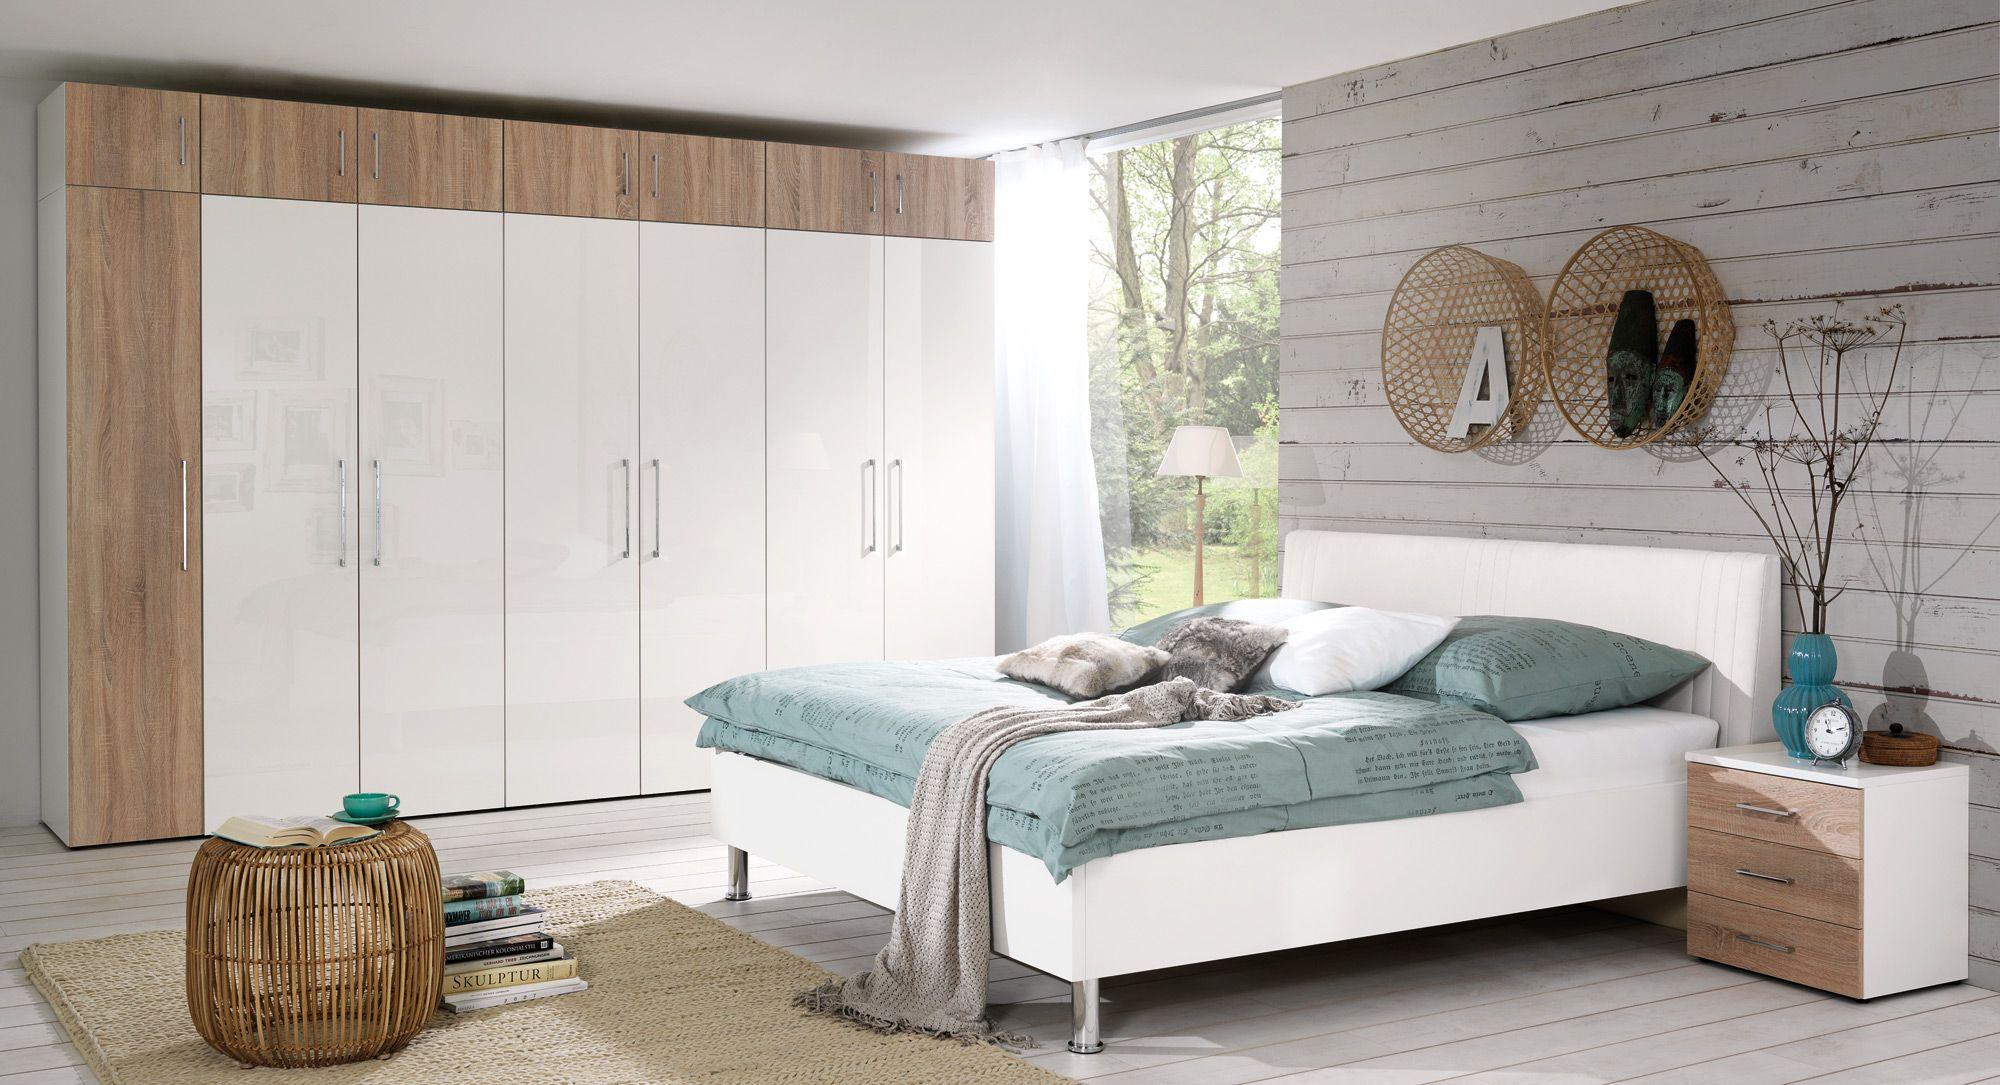 Bildergebnis Für Schlafzimmer Einrichtungsideen Ideen Für - Einrichtungsidee schlafzimmer